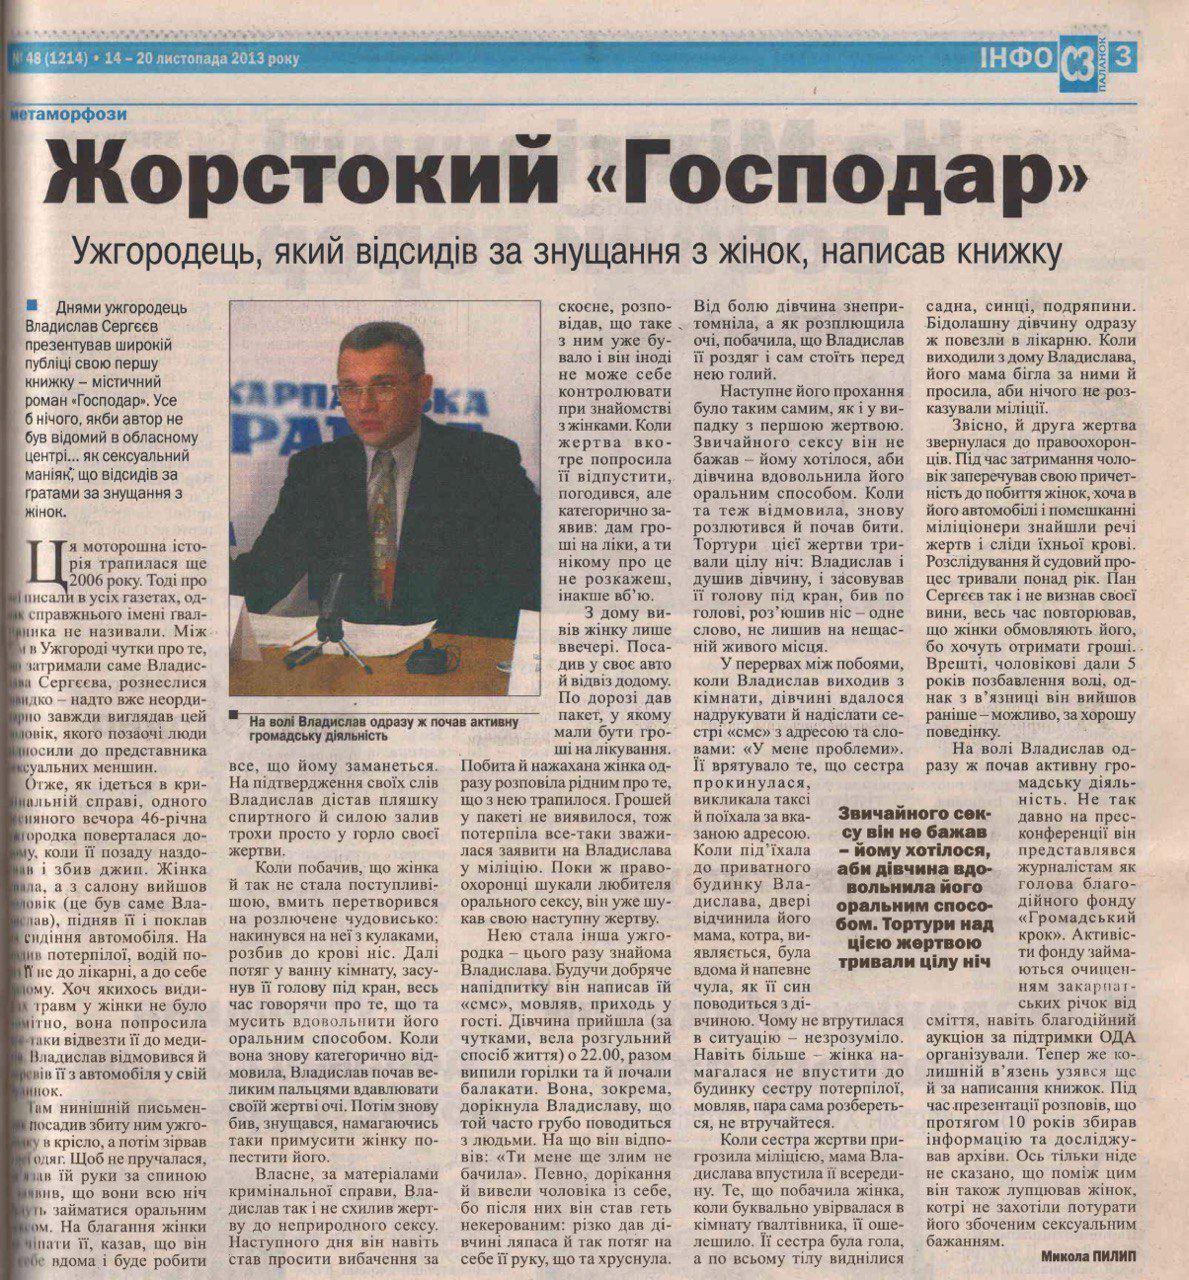 """Статья о Владиславе Сергееве из газеты """"Старый замок"""" за 2013 год."""